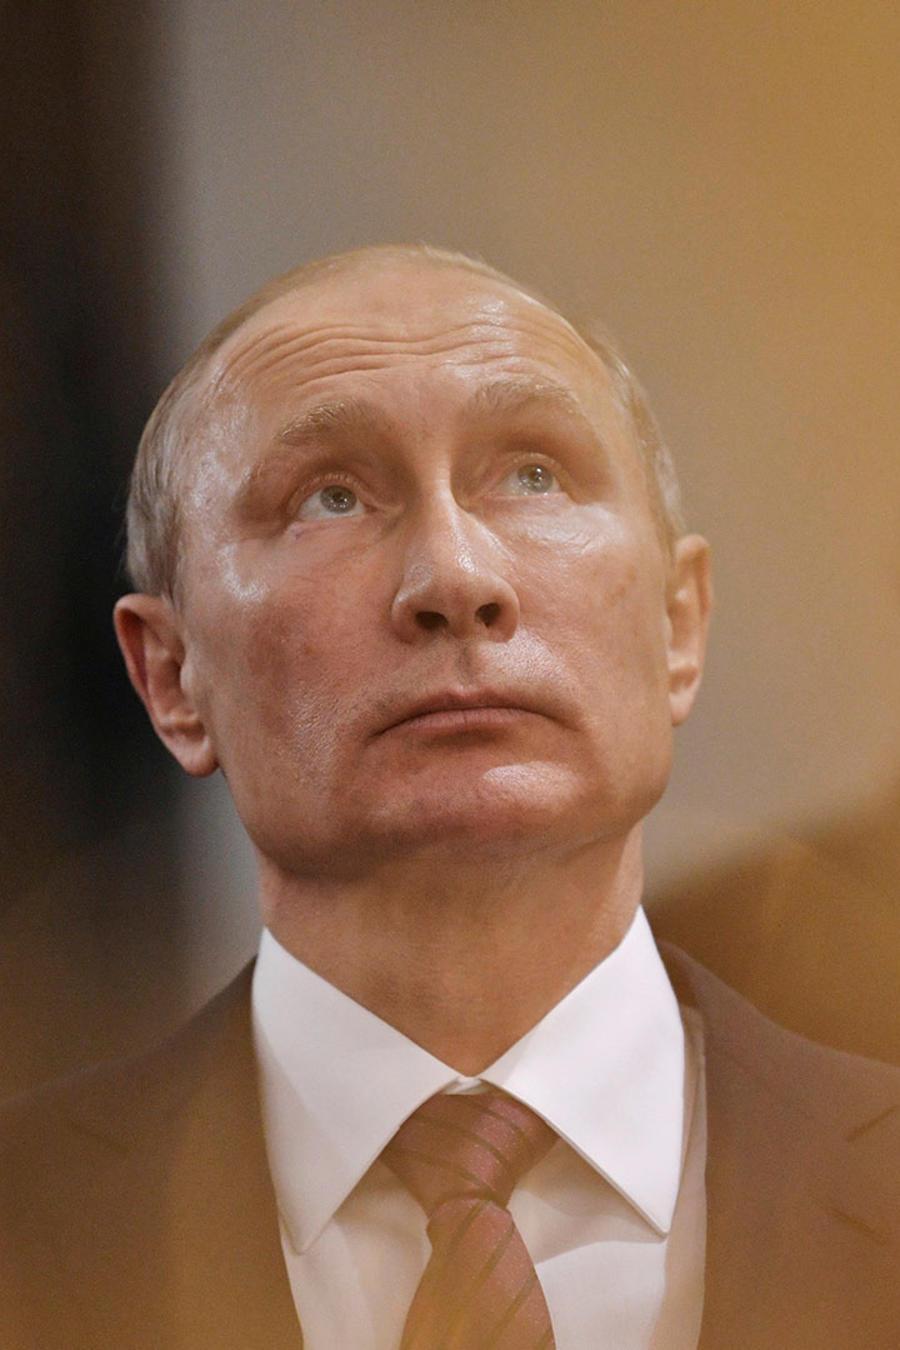 El presidente ruso, Vladimir Putin, el pasado 15 de noviembre, durante una visita al Monasterio de la Resurrección Nuevo Jerusalem en Istra, a las afueras de Moscú.